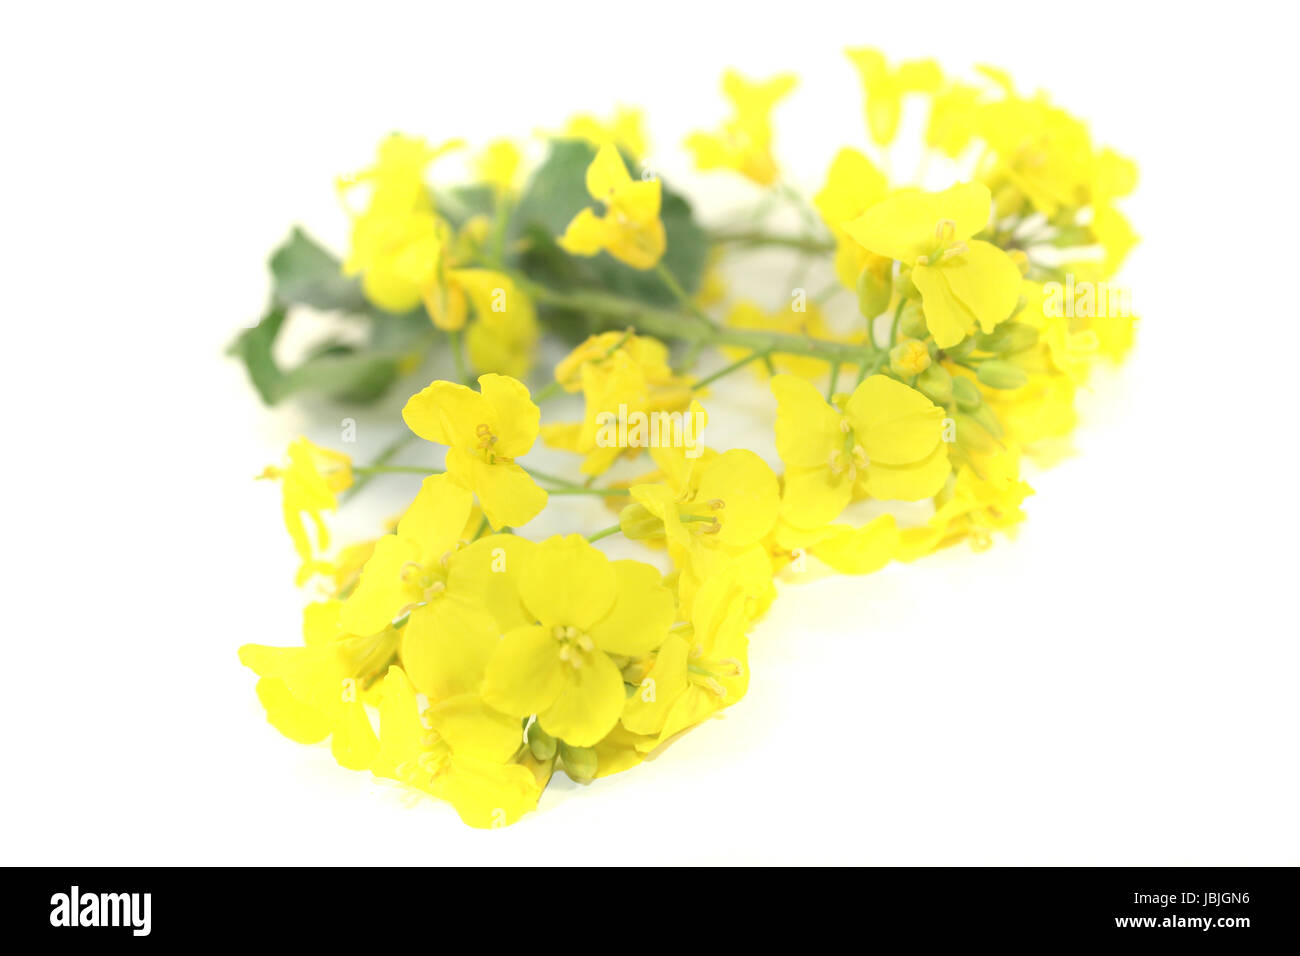 frischer gelber Raps vor hellem Hintergrund Stock Photo